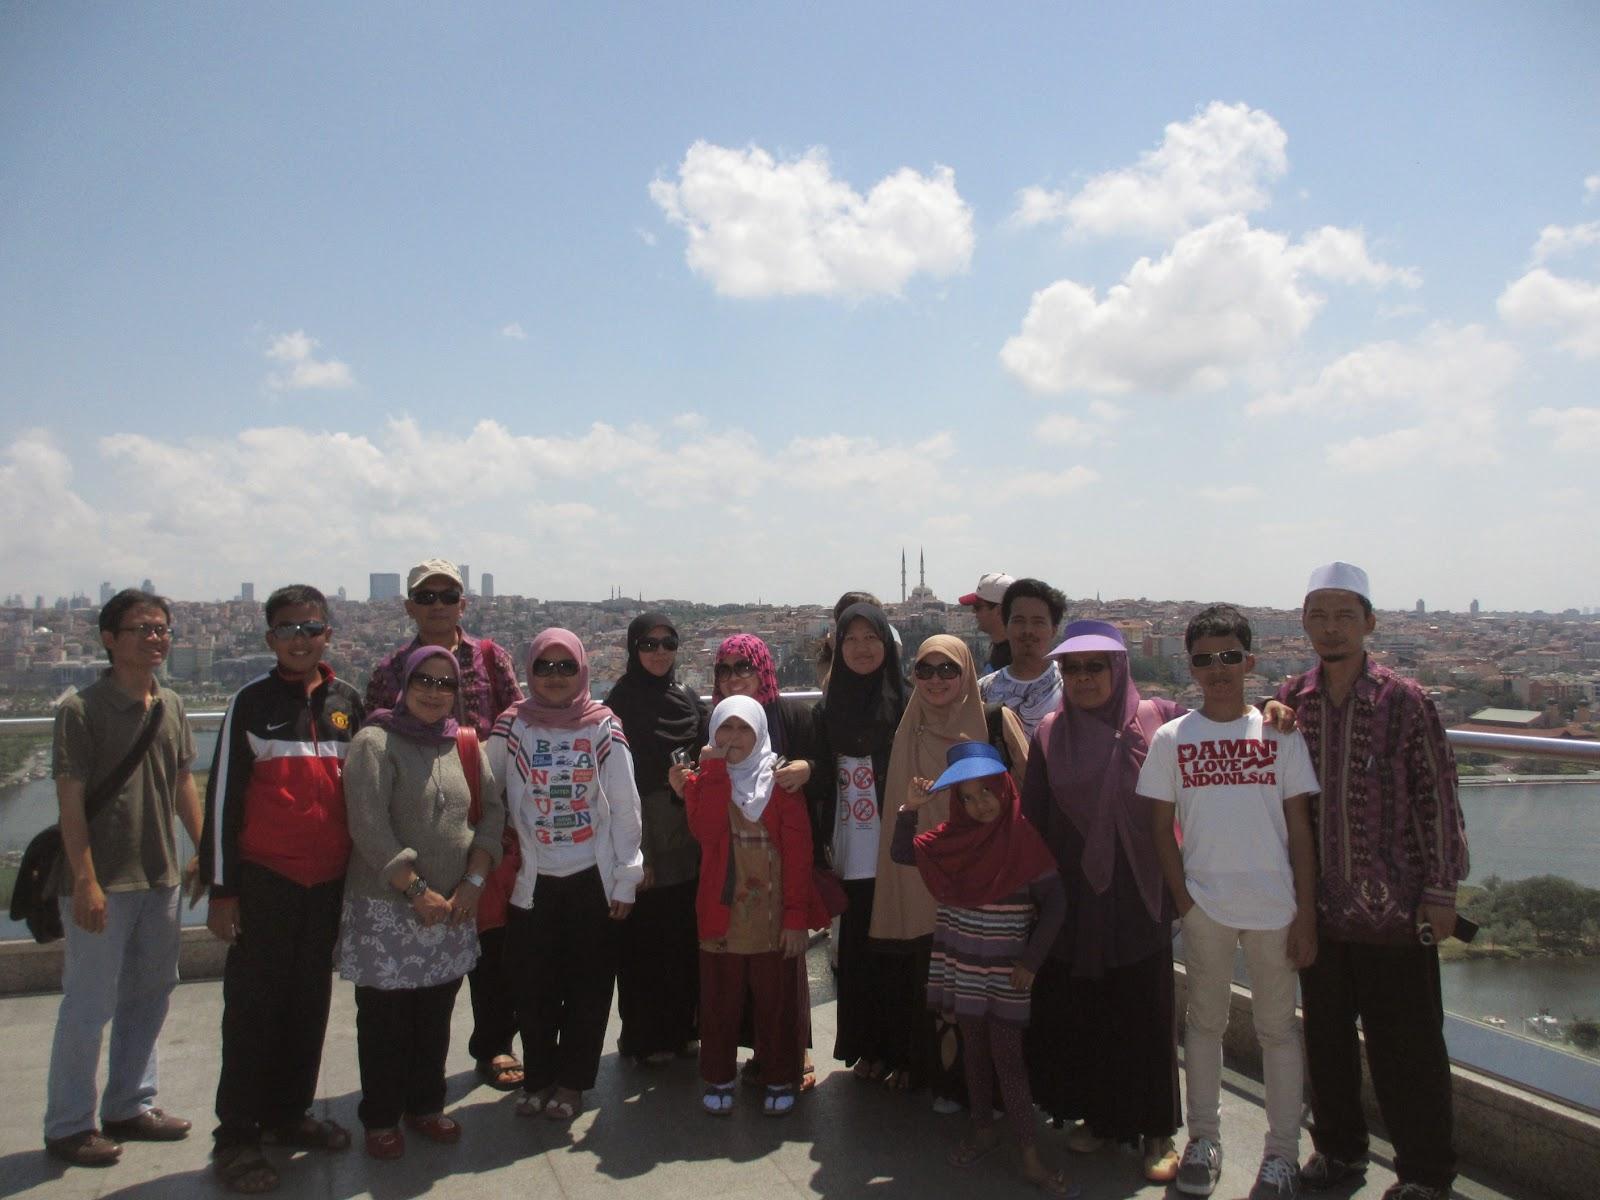 Travel Umroh Lampung Terbaik Bagus dan Terpercaya